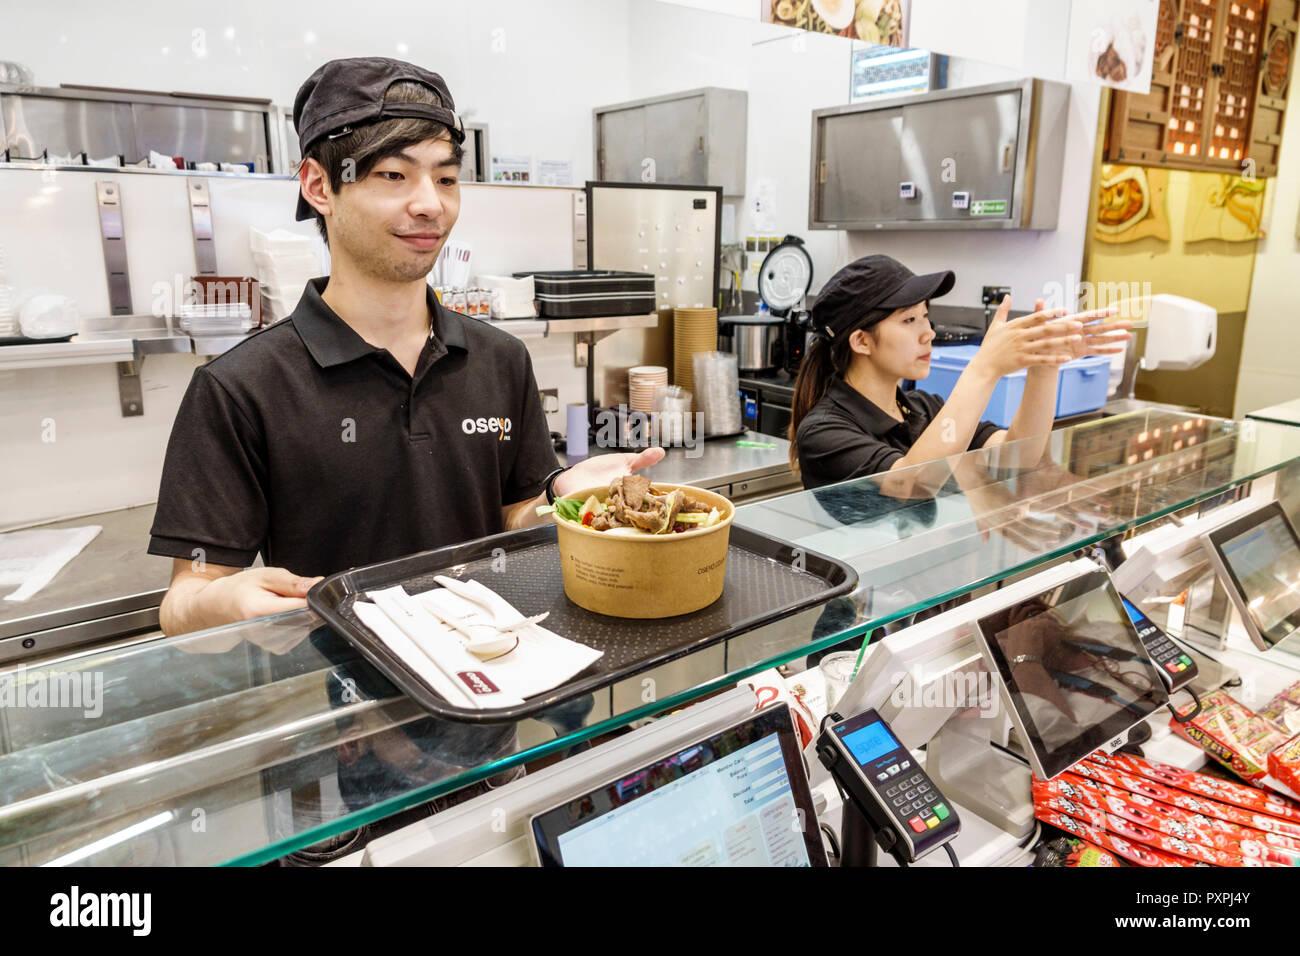 Londra Inghilterra Regno Unito Gran Bretagna Lambeth South Bank la stazione di Waterloo Oseyo Korean Food & Cultura mozzo ristorante take-away fast food Asian b Immagini Stock